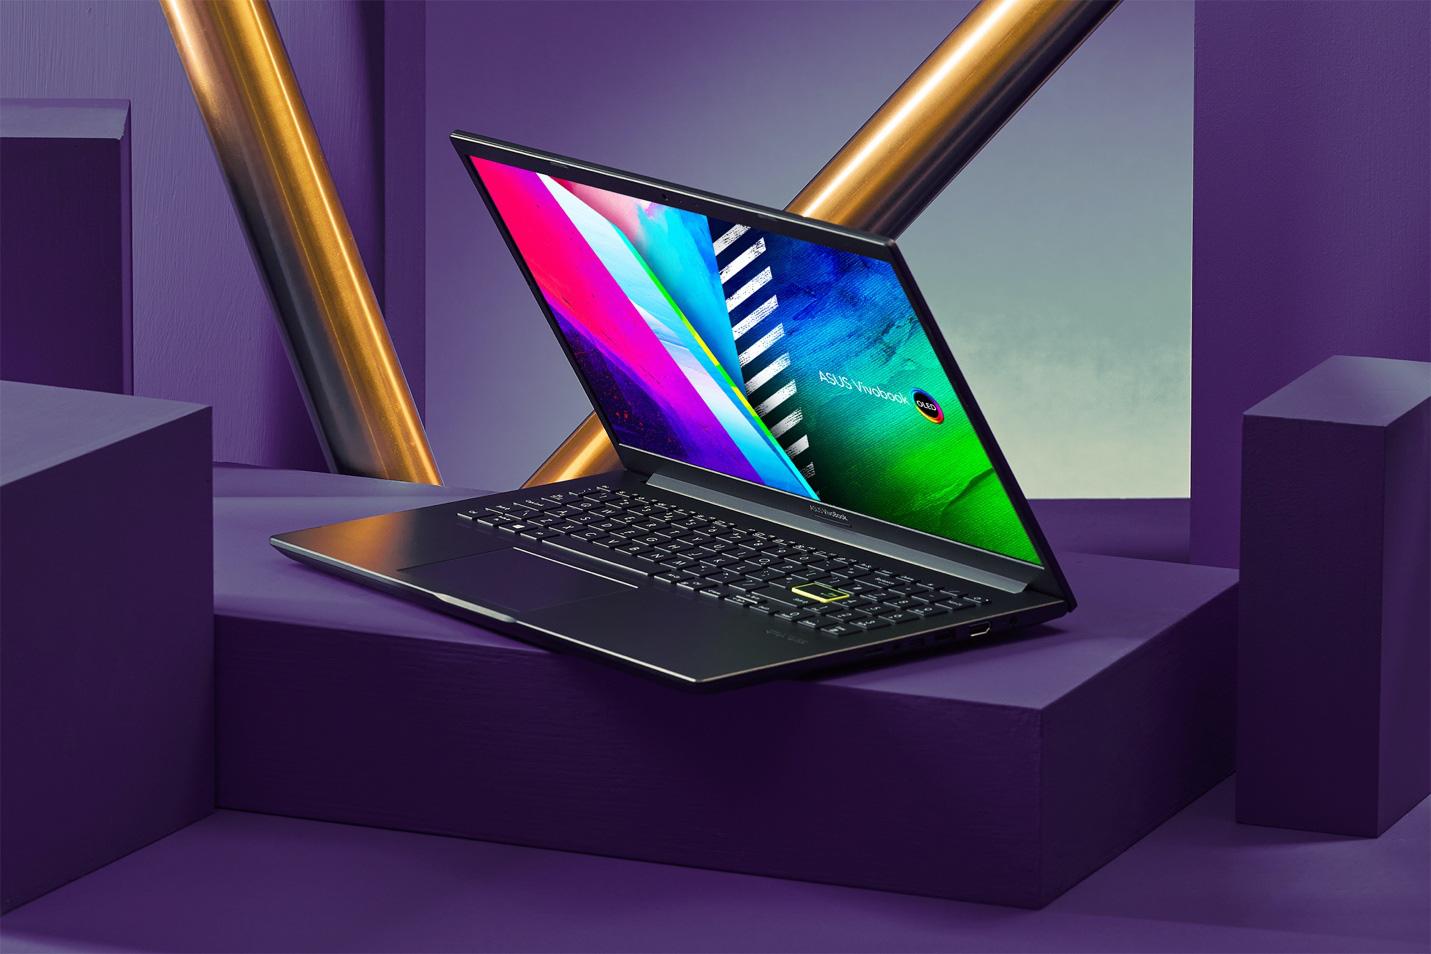 ASUS Vivobook 15 OLED (M513) - Laptop hoàn hảo trong phân khúc tầm trung - Ảnh 3.